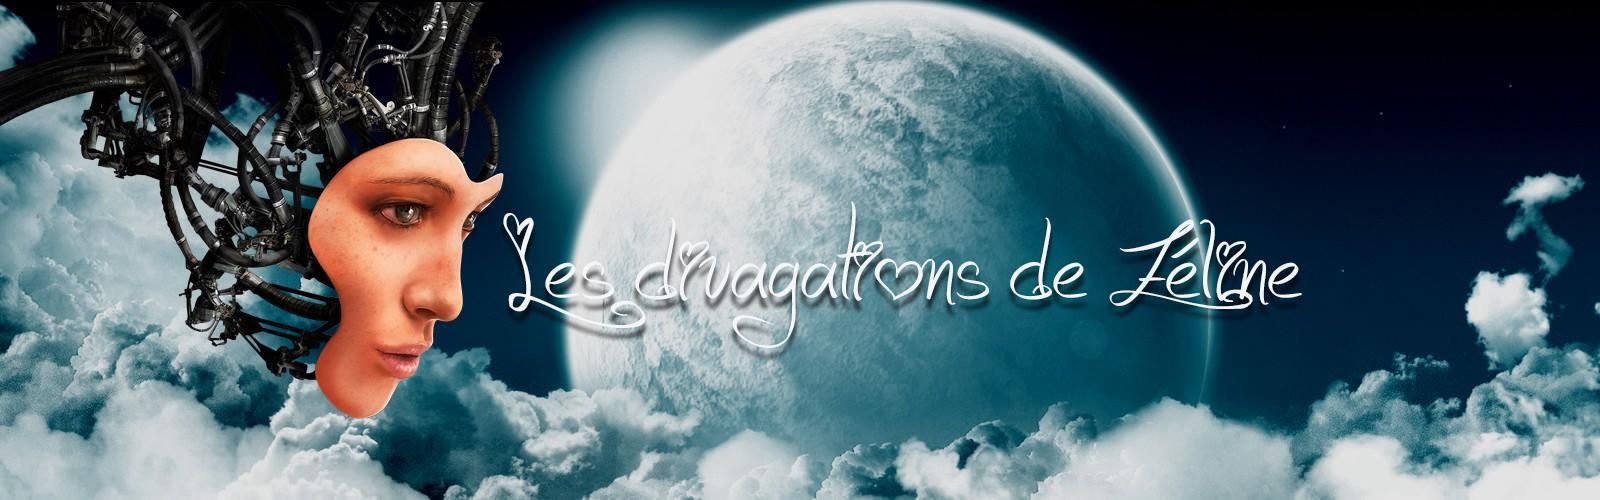 Bannière_Divagations_de_Zéline_2